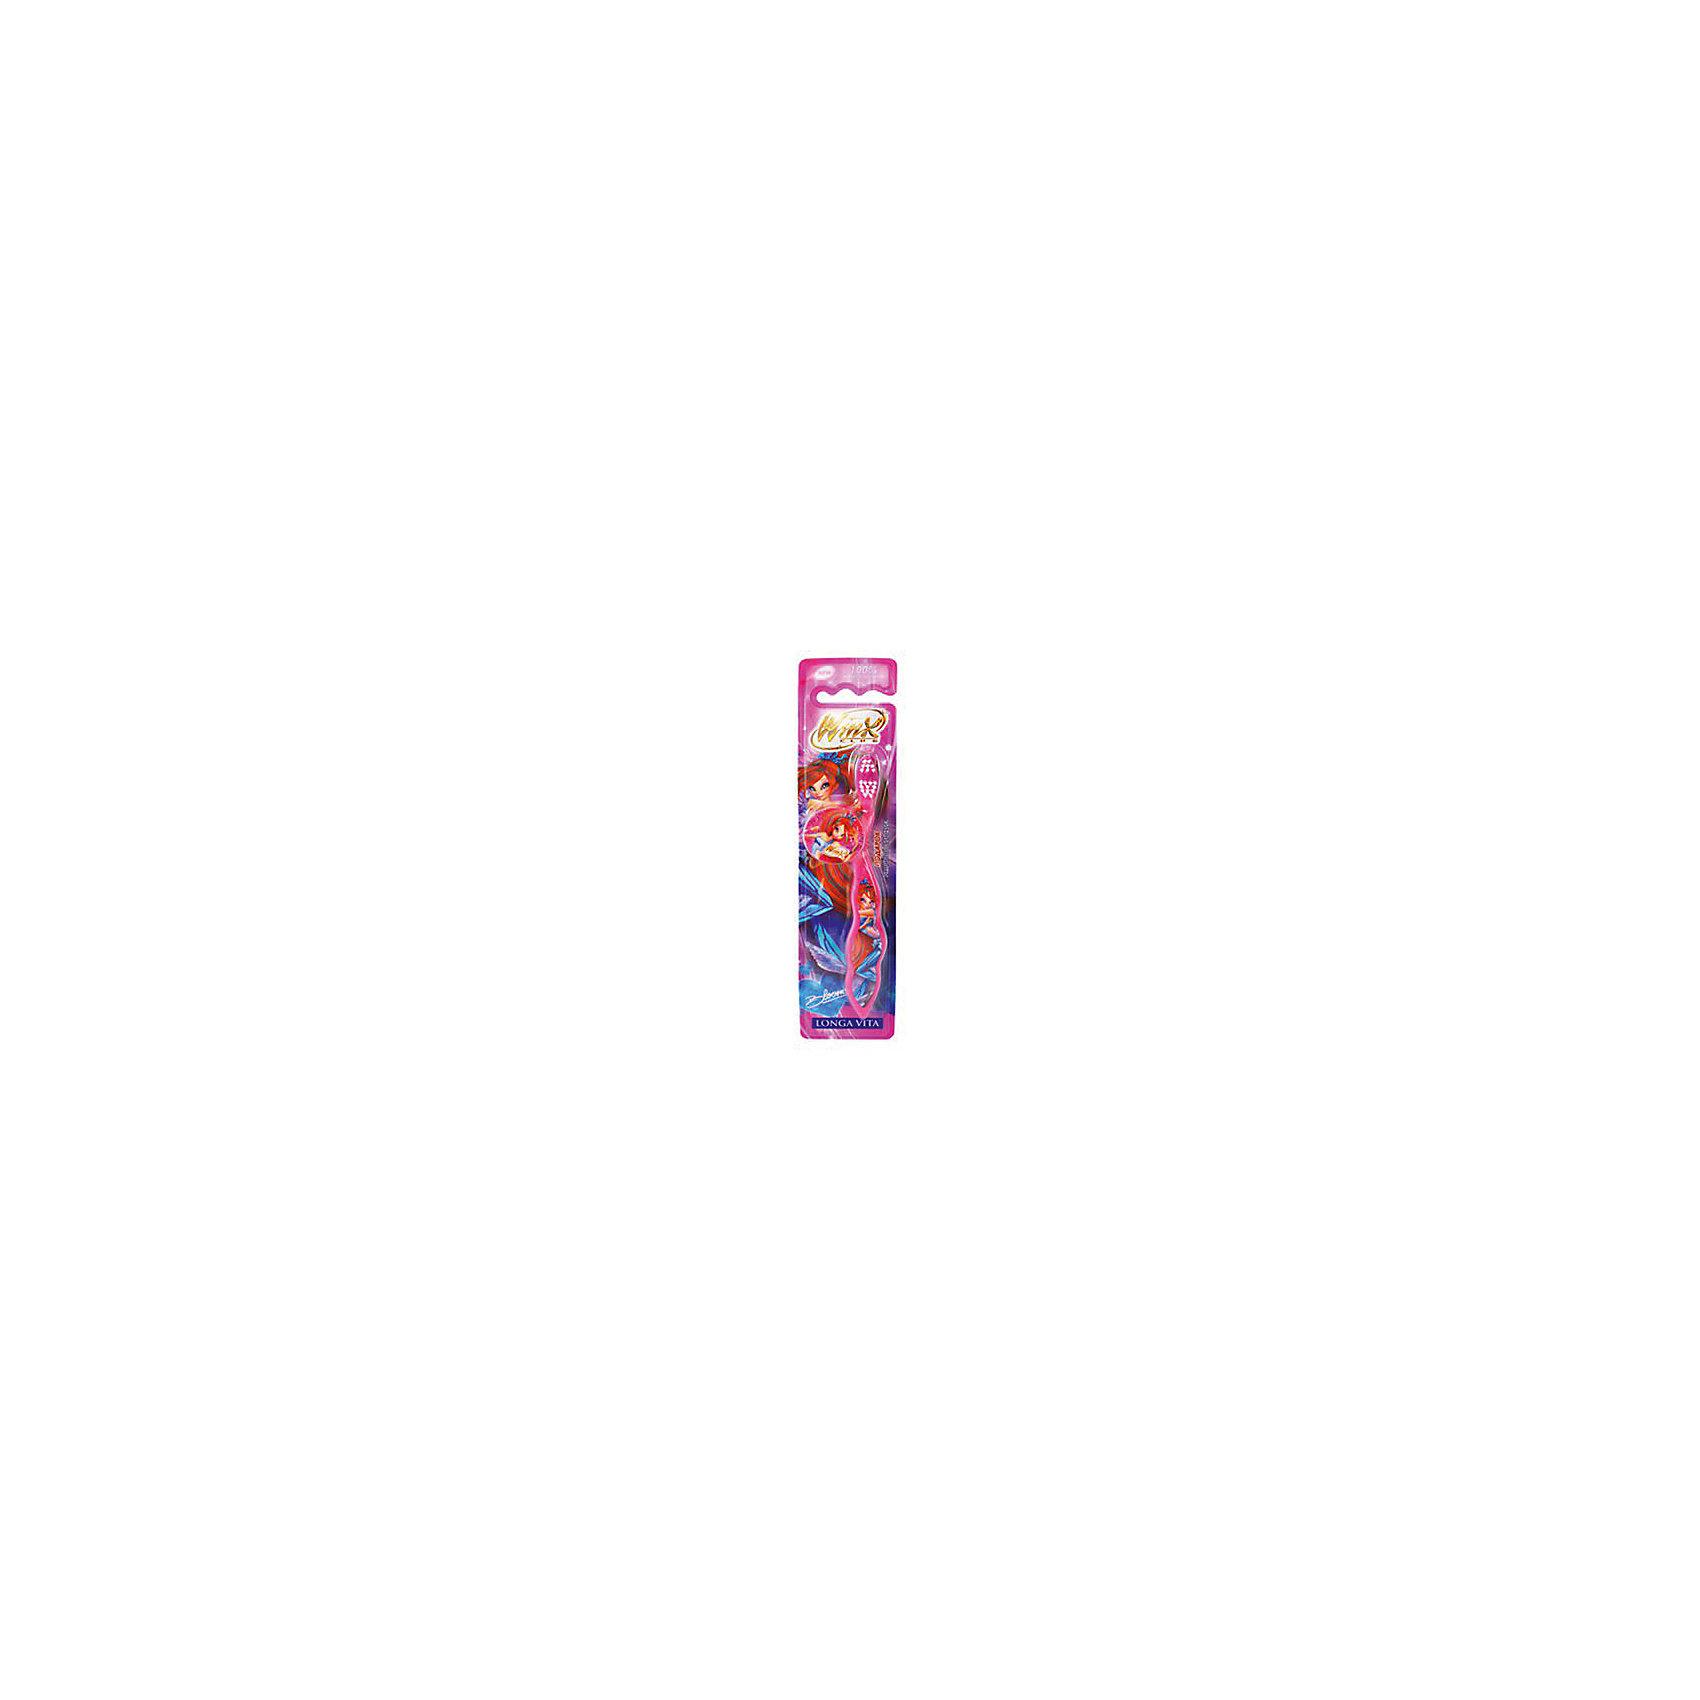 Детская зубная щетка Winx с защитным колпачком , арт. WX-1 , LONGA VITA, розовый